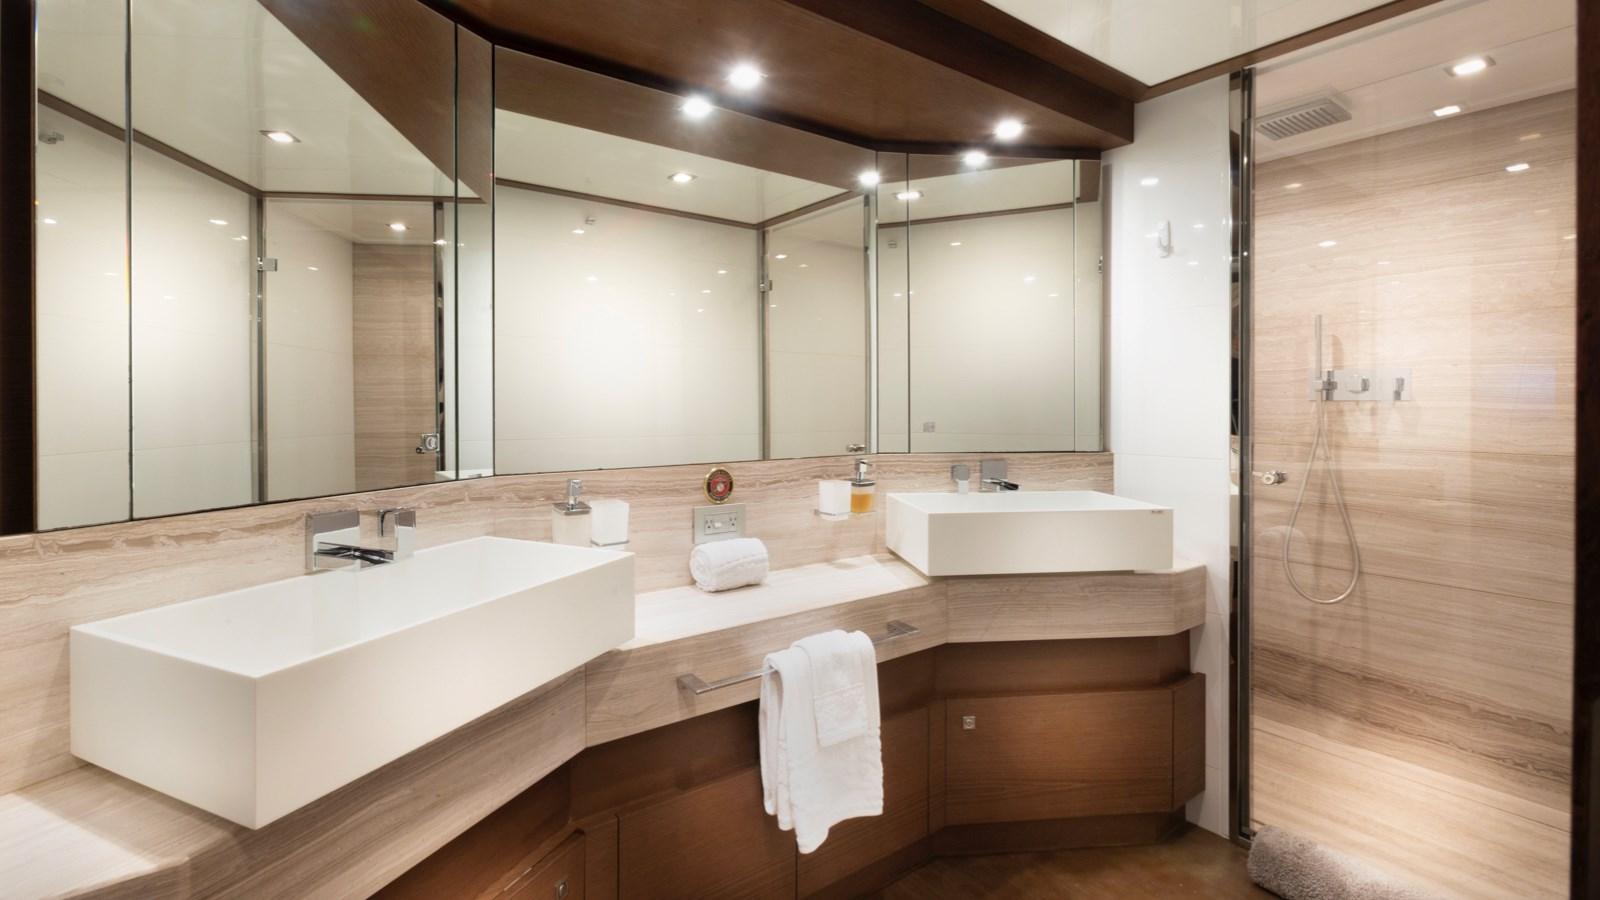 Master Bathroom 2013 FERRETTI YACHTS 870 FLYBRIDGE High Performance 2732845